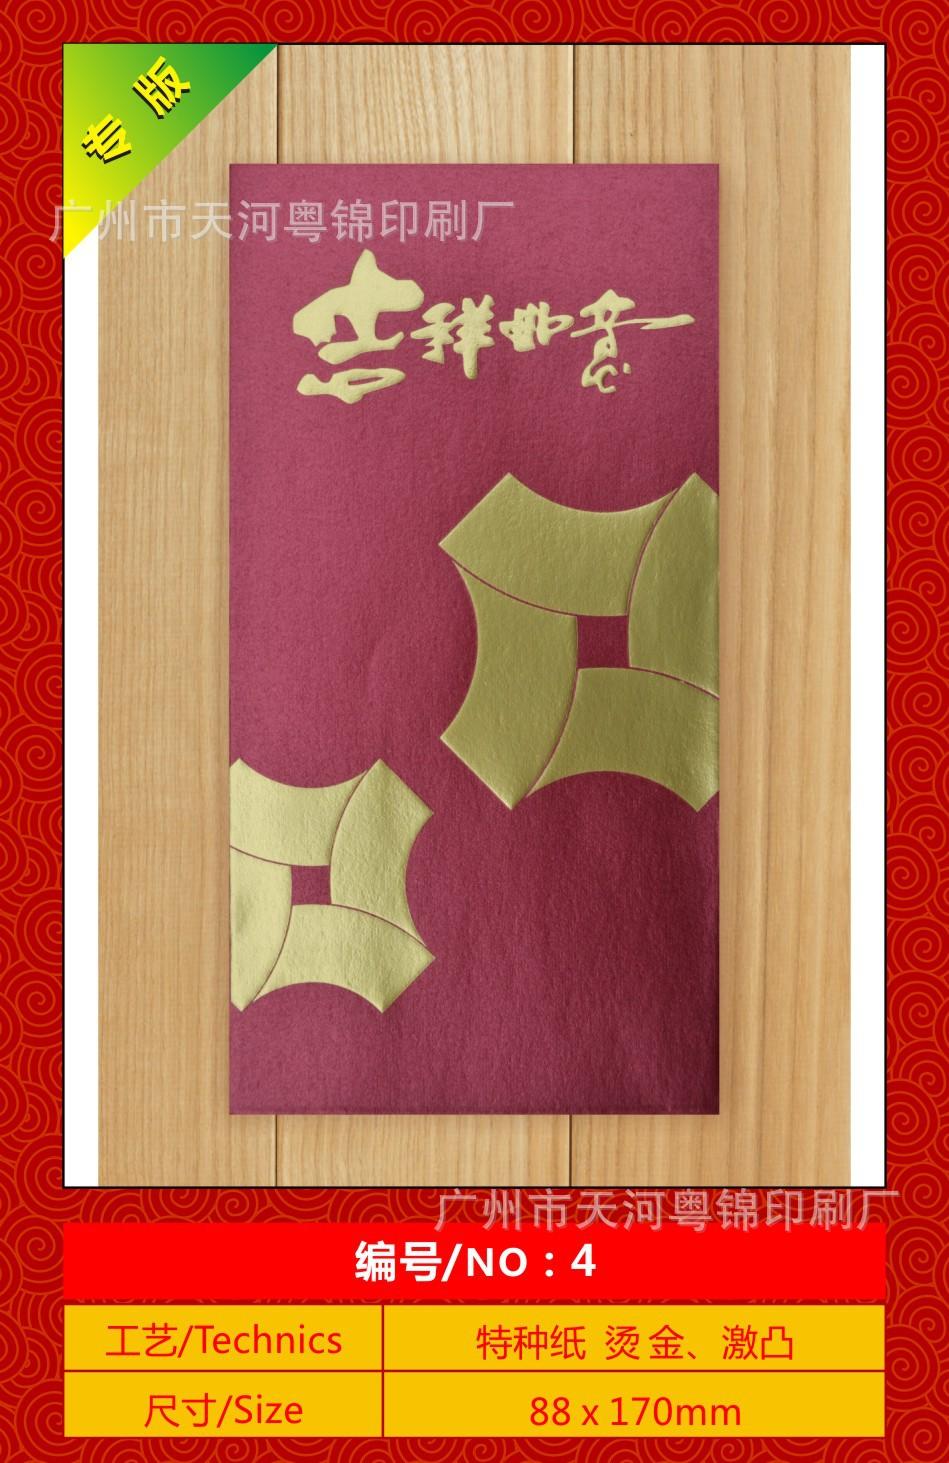 【大号】专版红包利是封样板图片NO:4